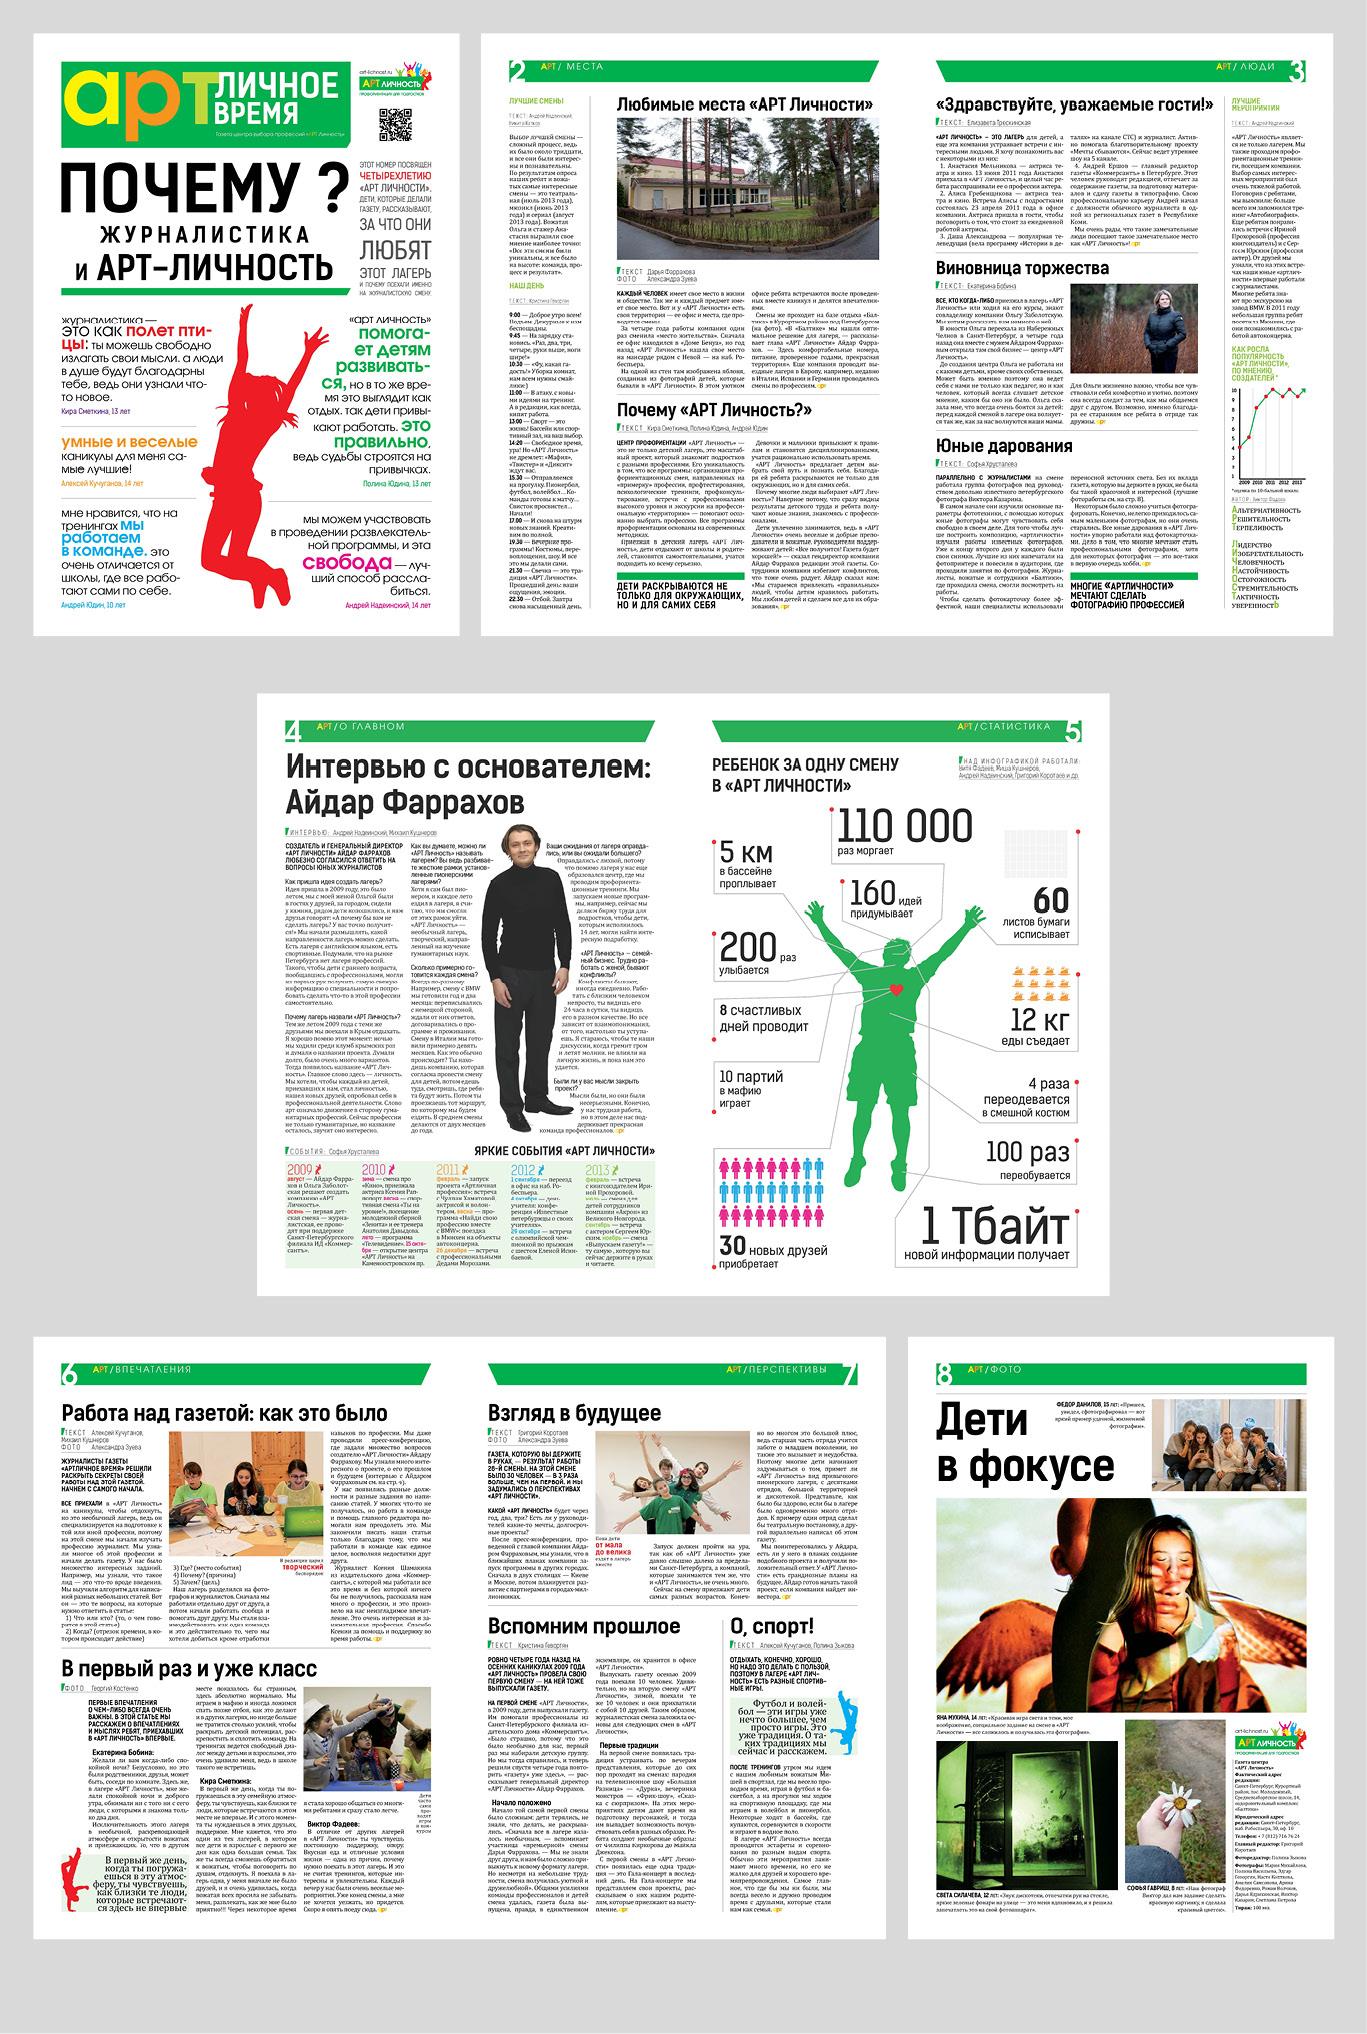 Как сделать макет газеты на компьютере